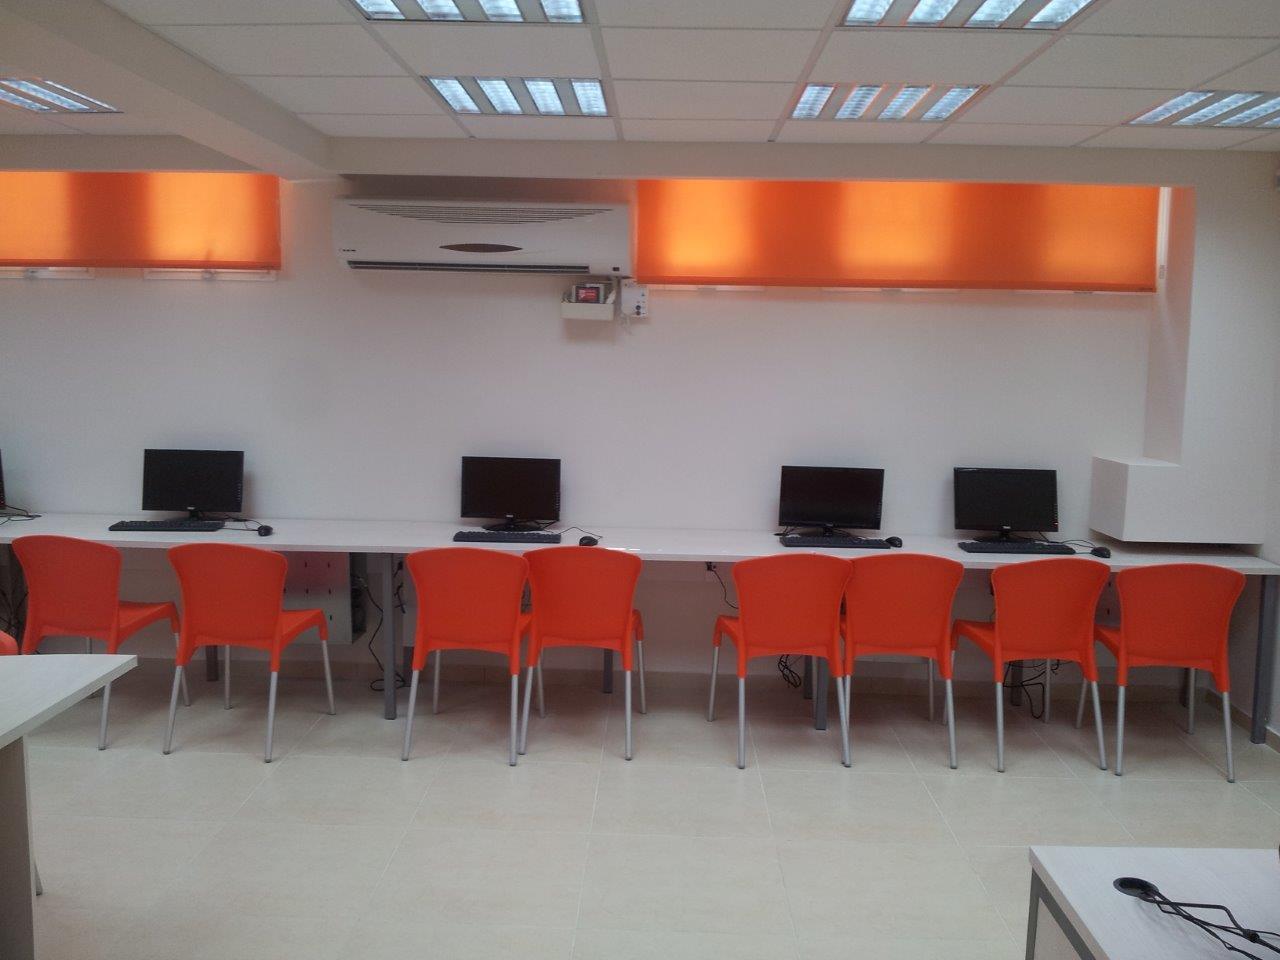 שיפוץ משרדים במרכז- תל אביב, רמת גן, ירושלים, רחובות